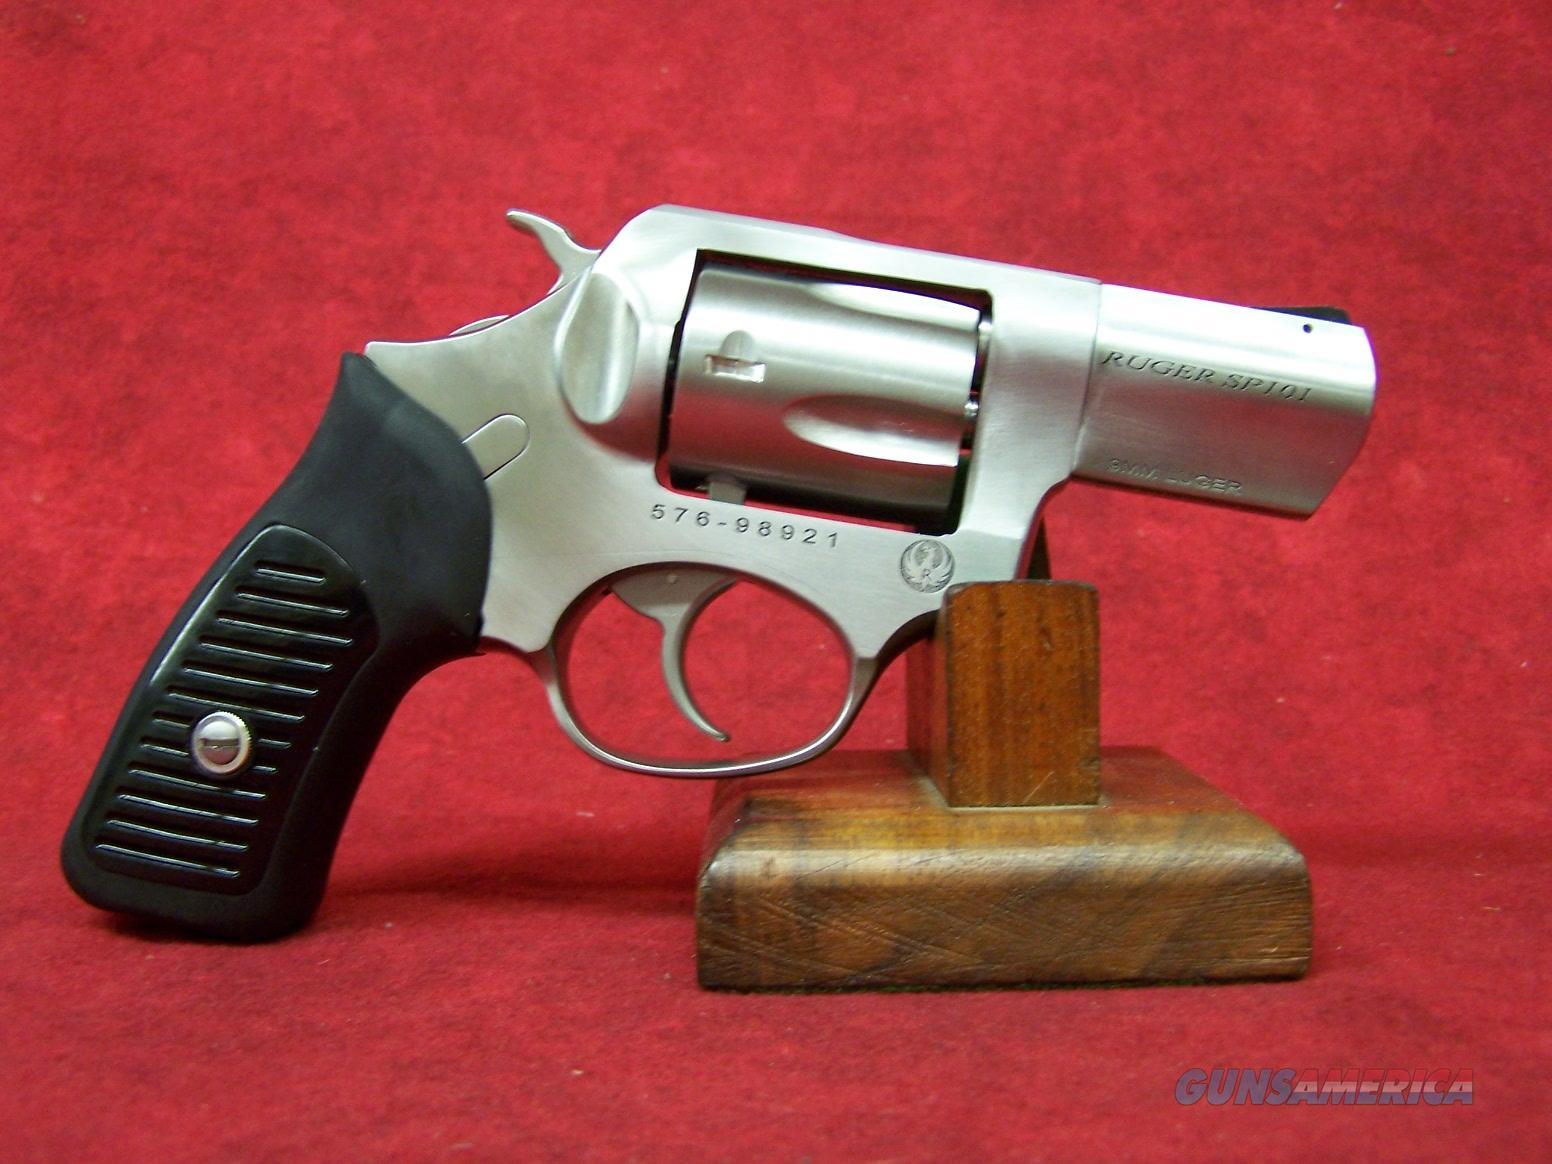 """Ruger SP101 9mm Luger 2.25"""" (5783)  Guns > Pistols > Ruger Double Action Revolver > SP101 Type"""